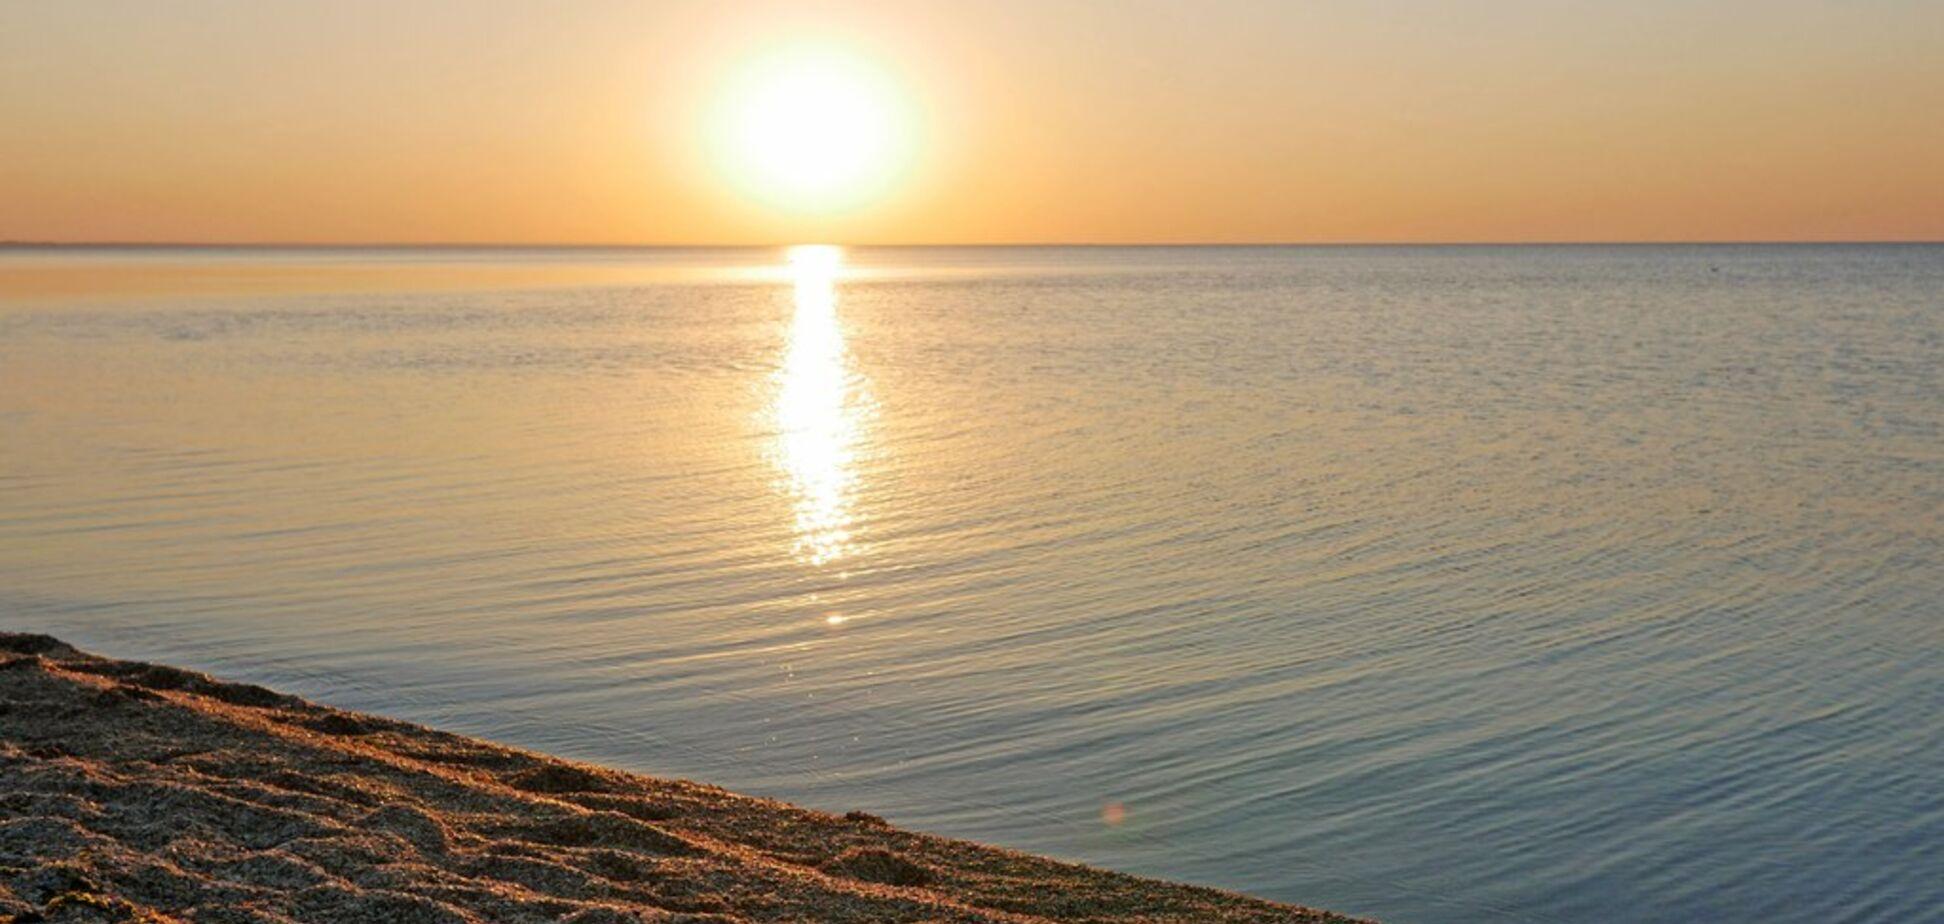 Землетрясение в Азовском море: ученый предупредил о последствиях